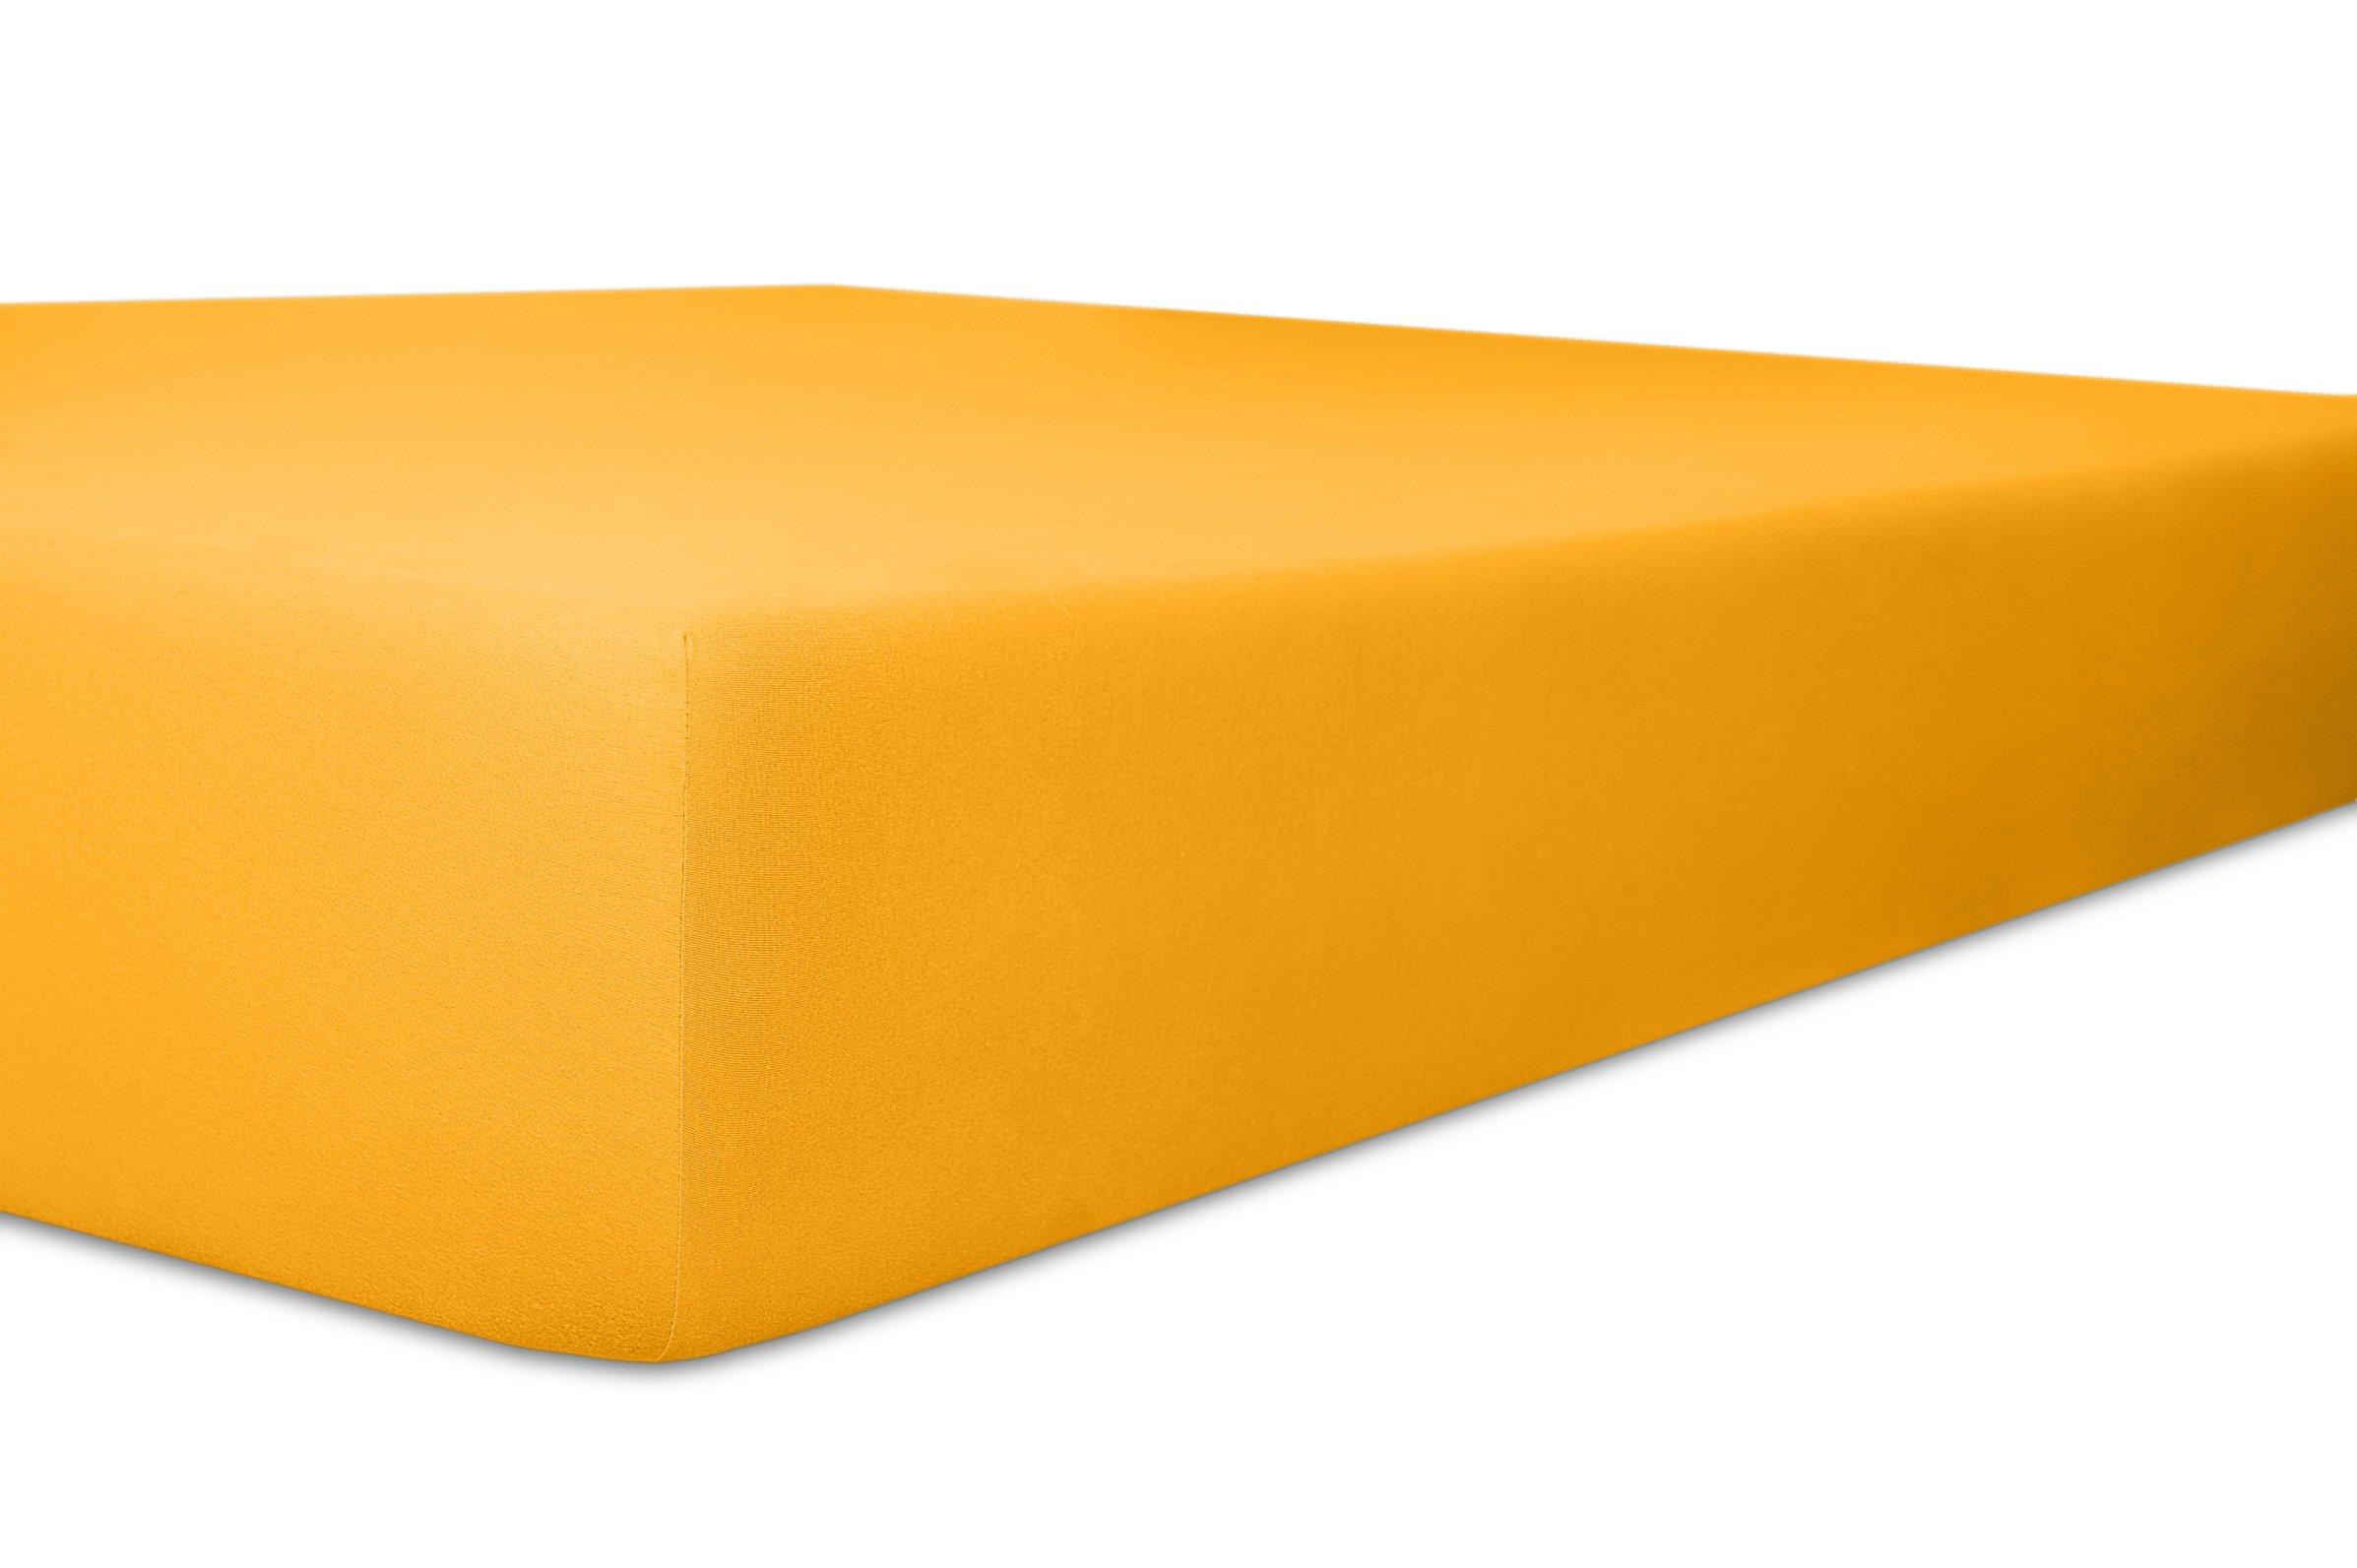 Spannbetttuch honig,140x200cm